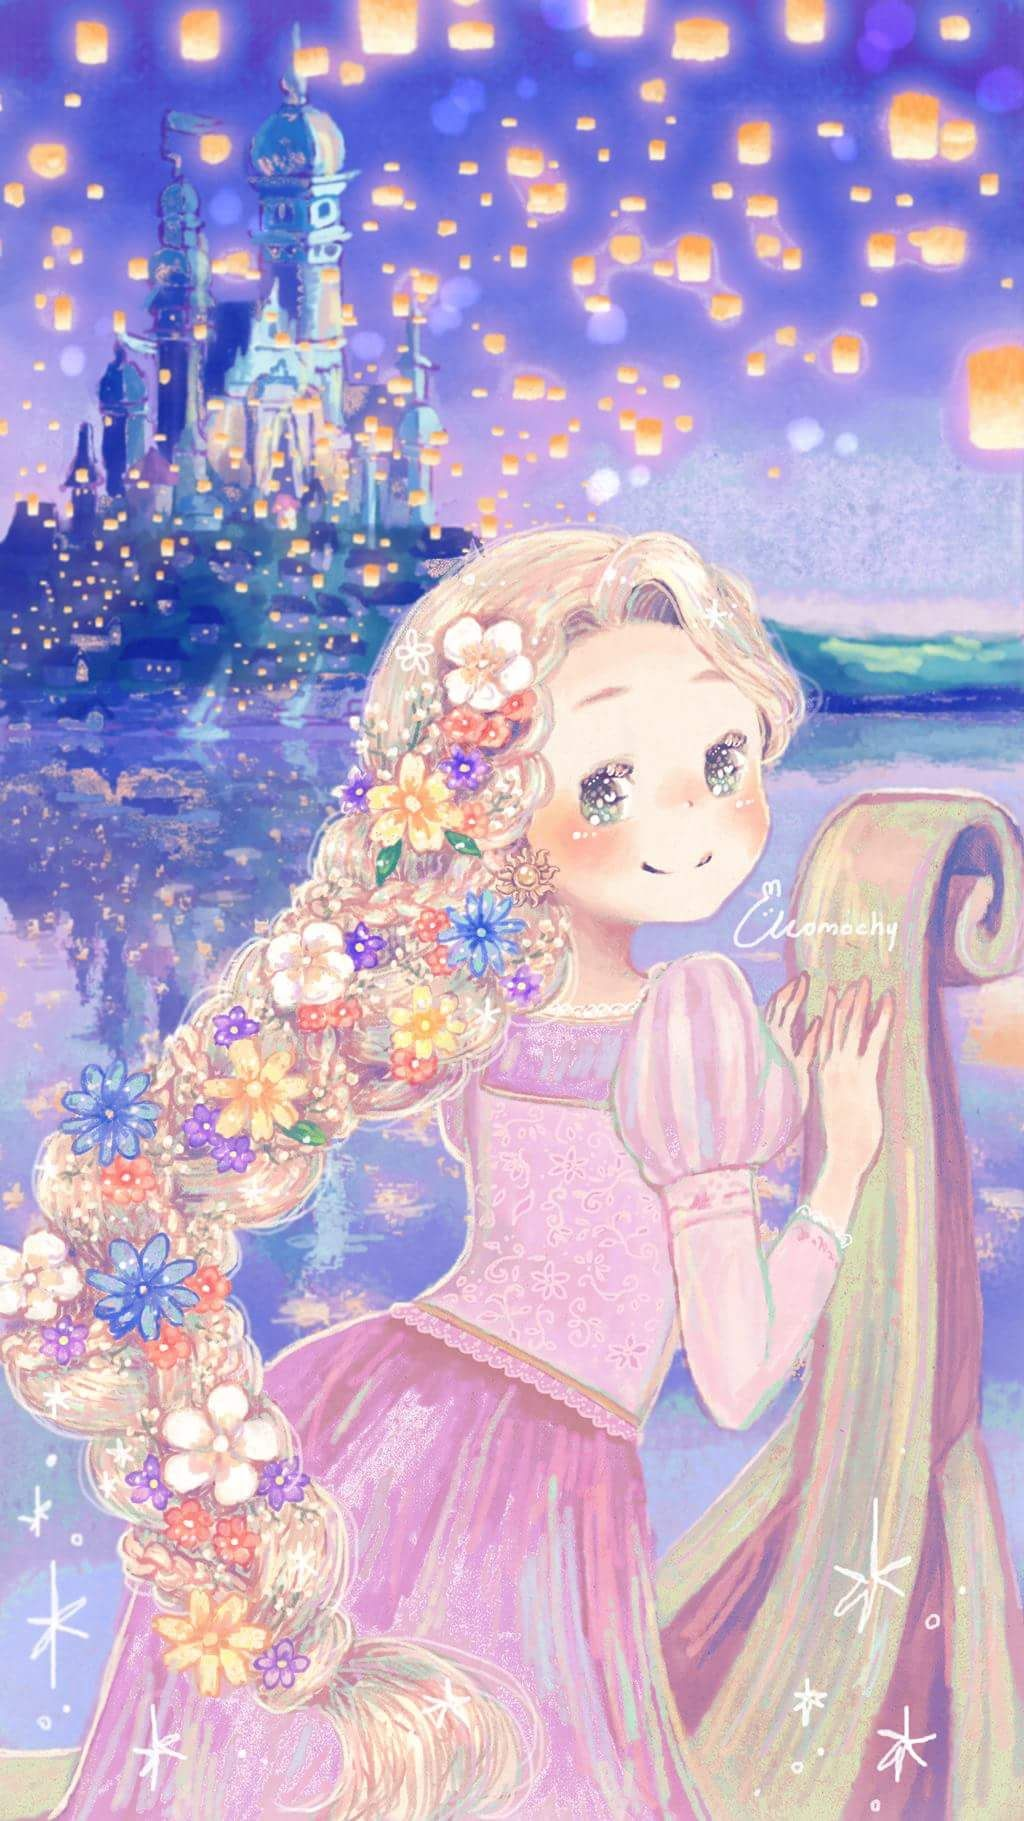 ゆるかわ おしゃれまとめの人気アイデア Pinterest Tamaki Ide ディズニープリンセスのアート ディズニー イラスト イラスト